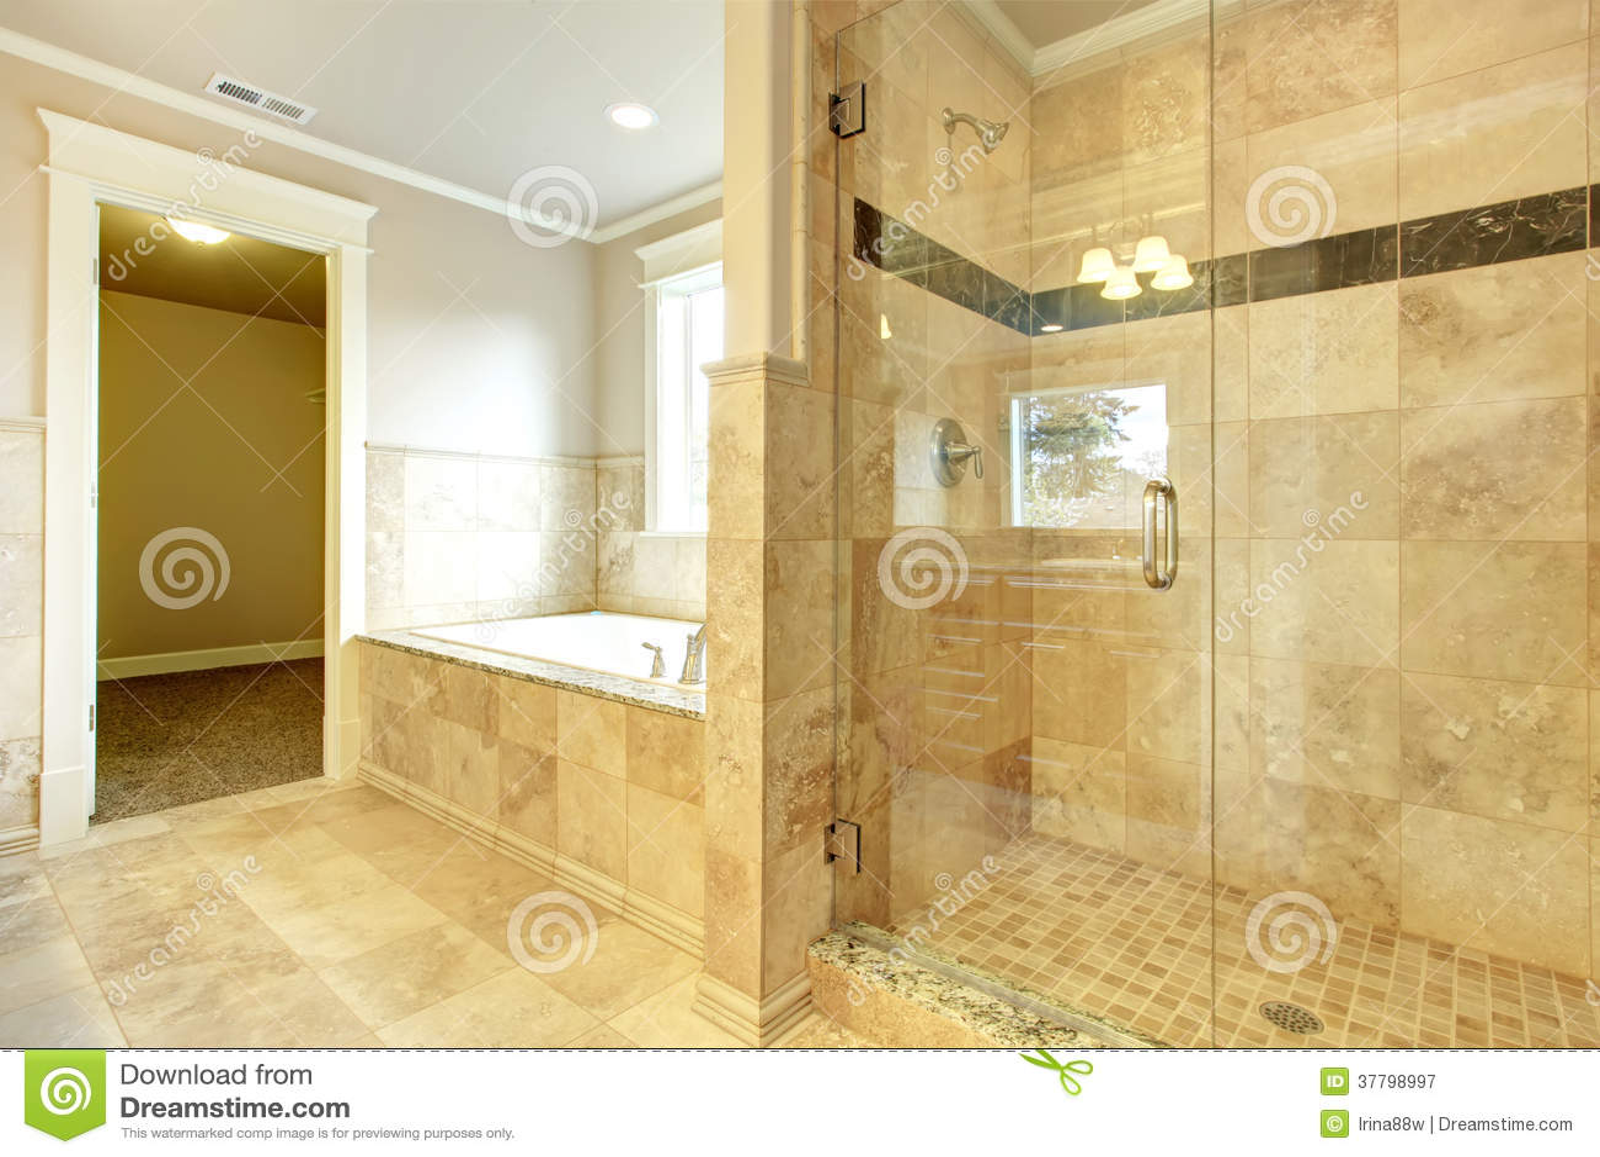 Baños Con Tina Fotos:Beight y cuarto de baño blanco con la tina blanca, suelo de baldosas